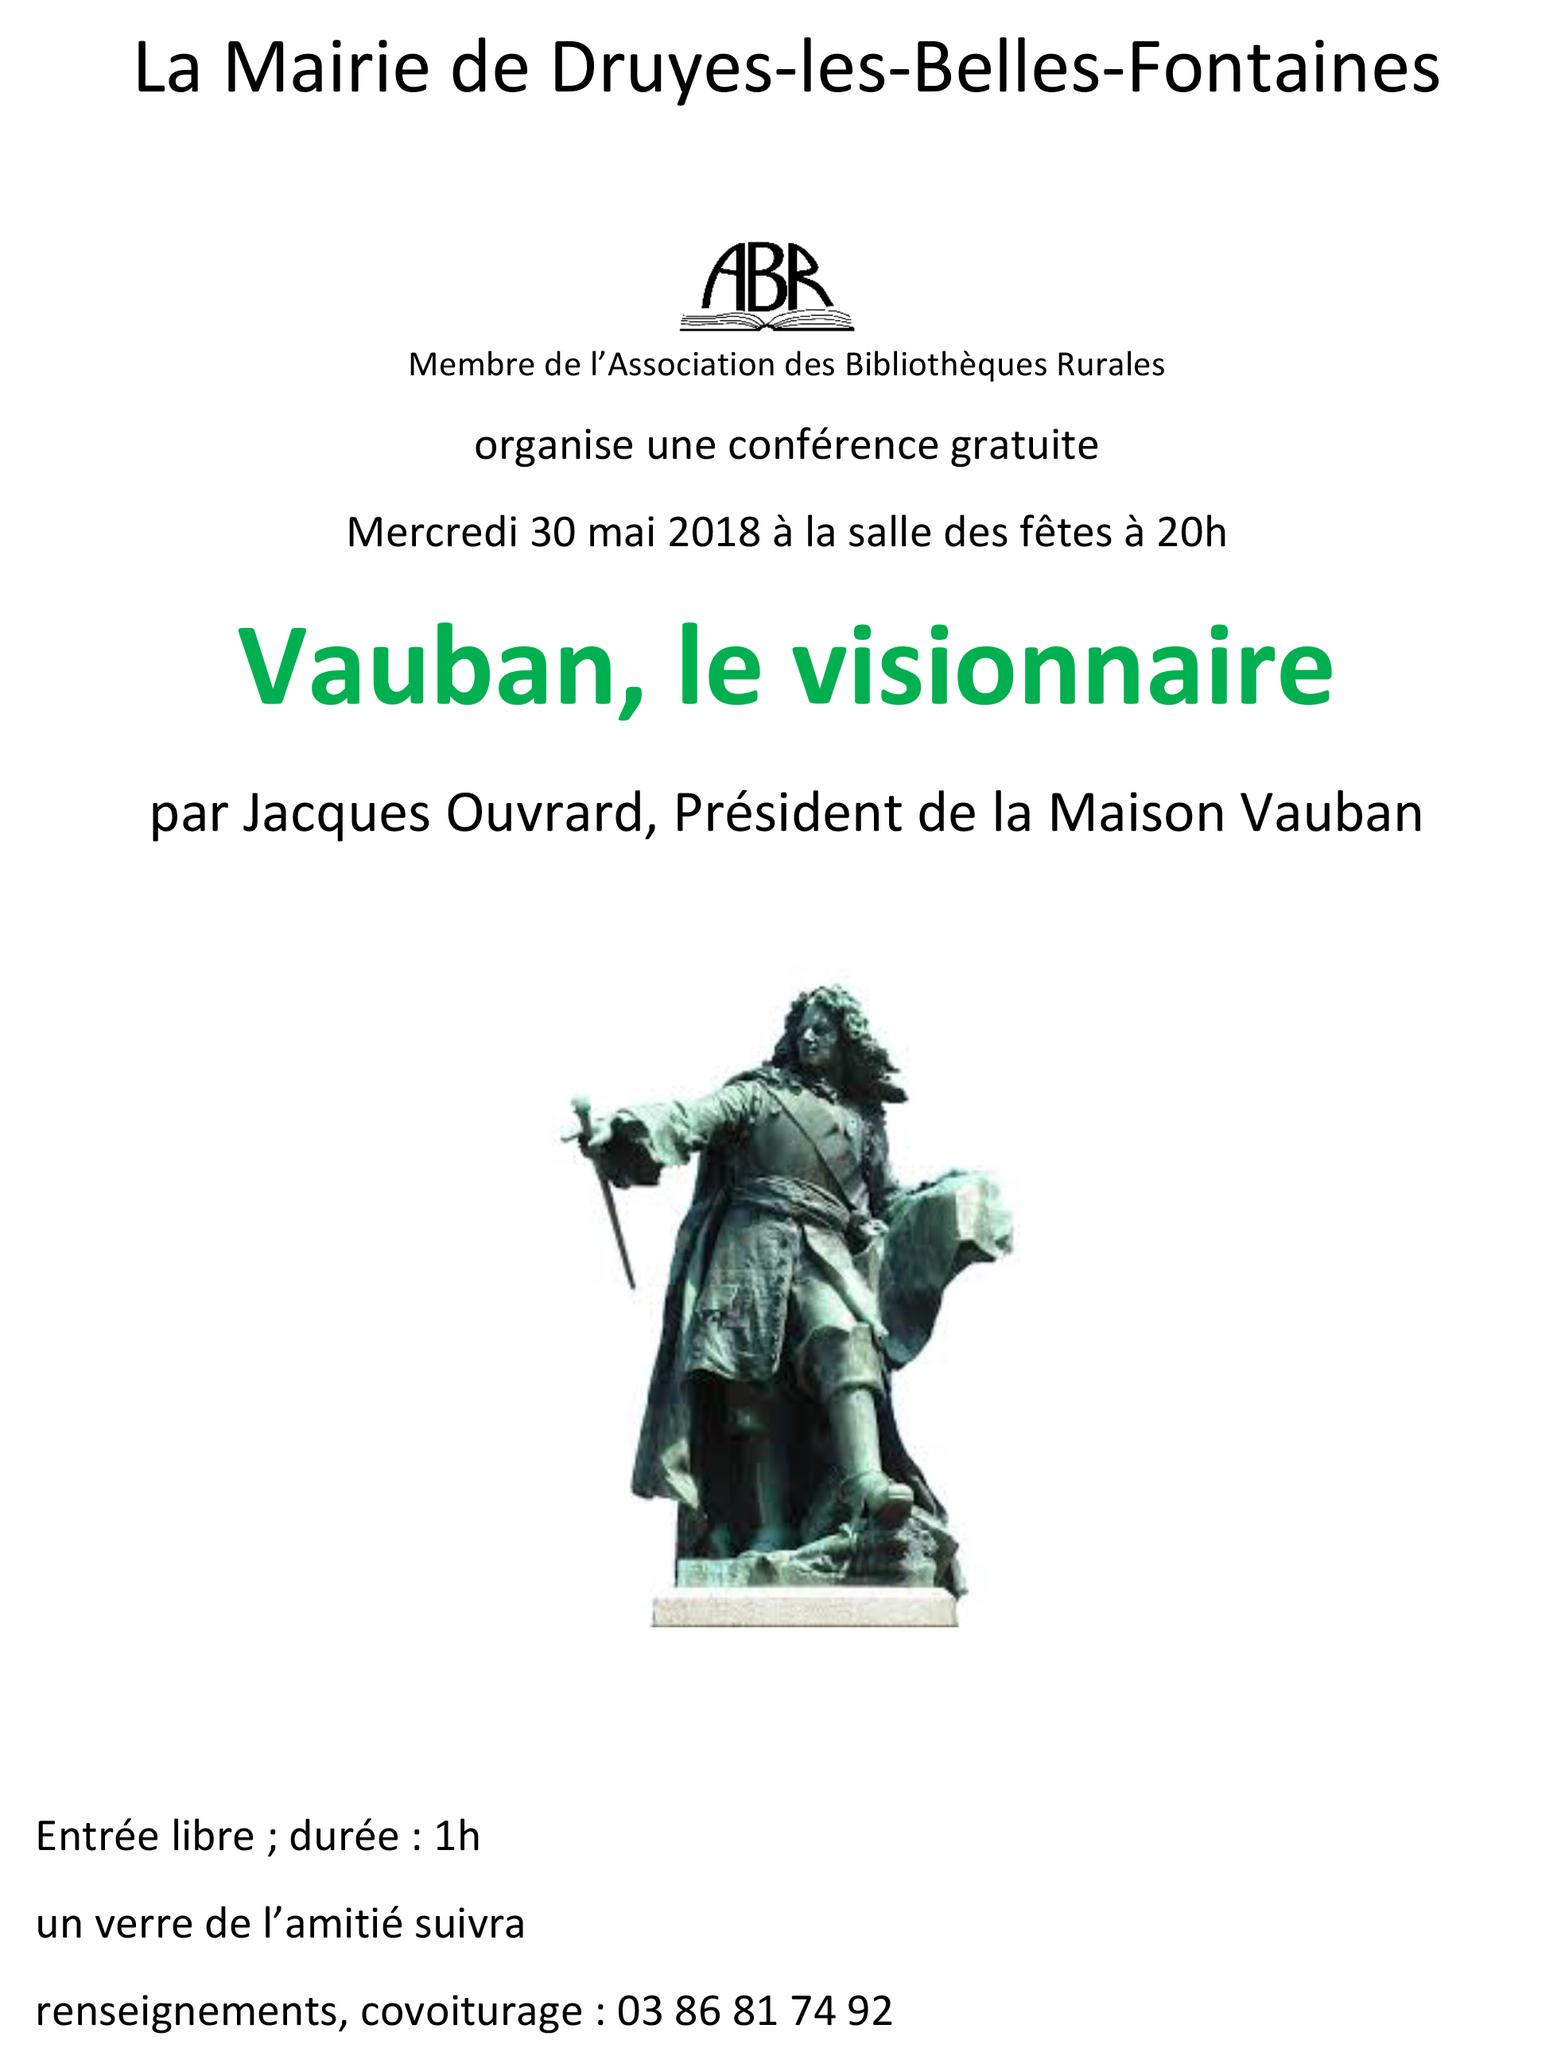 2 Juin à Druyes les belles fontaines, et si vous vous intéressiez à Vauban ?